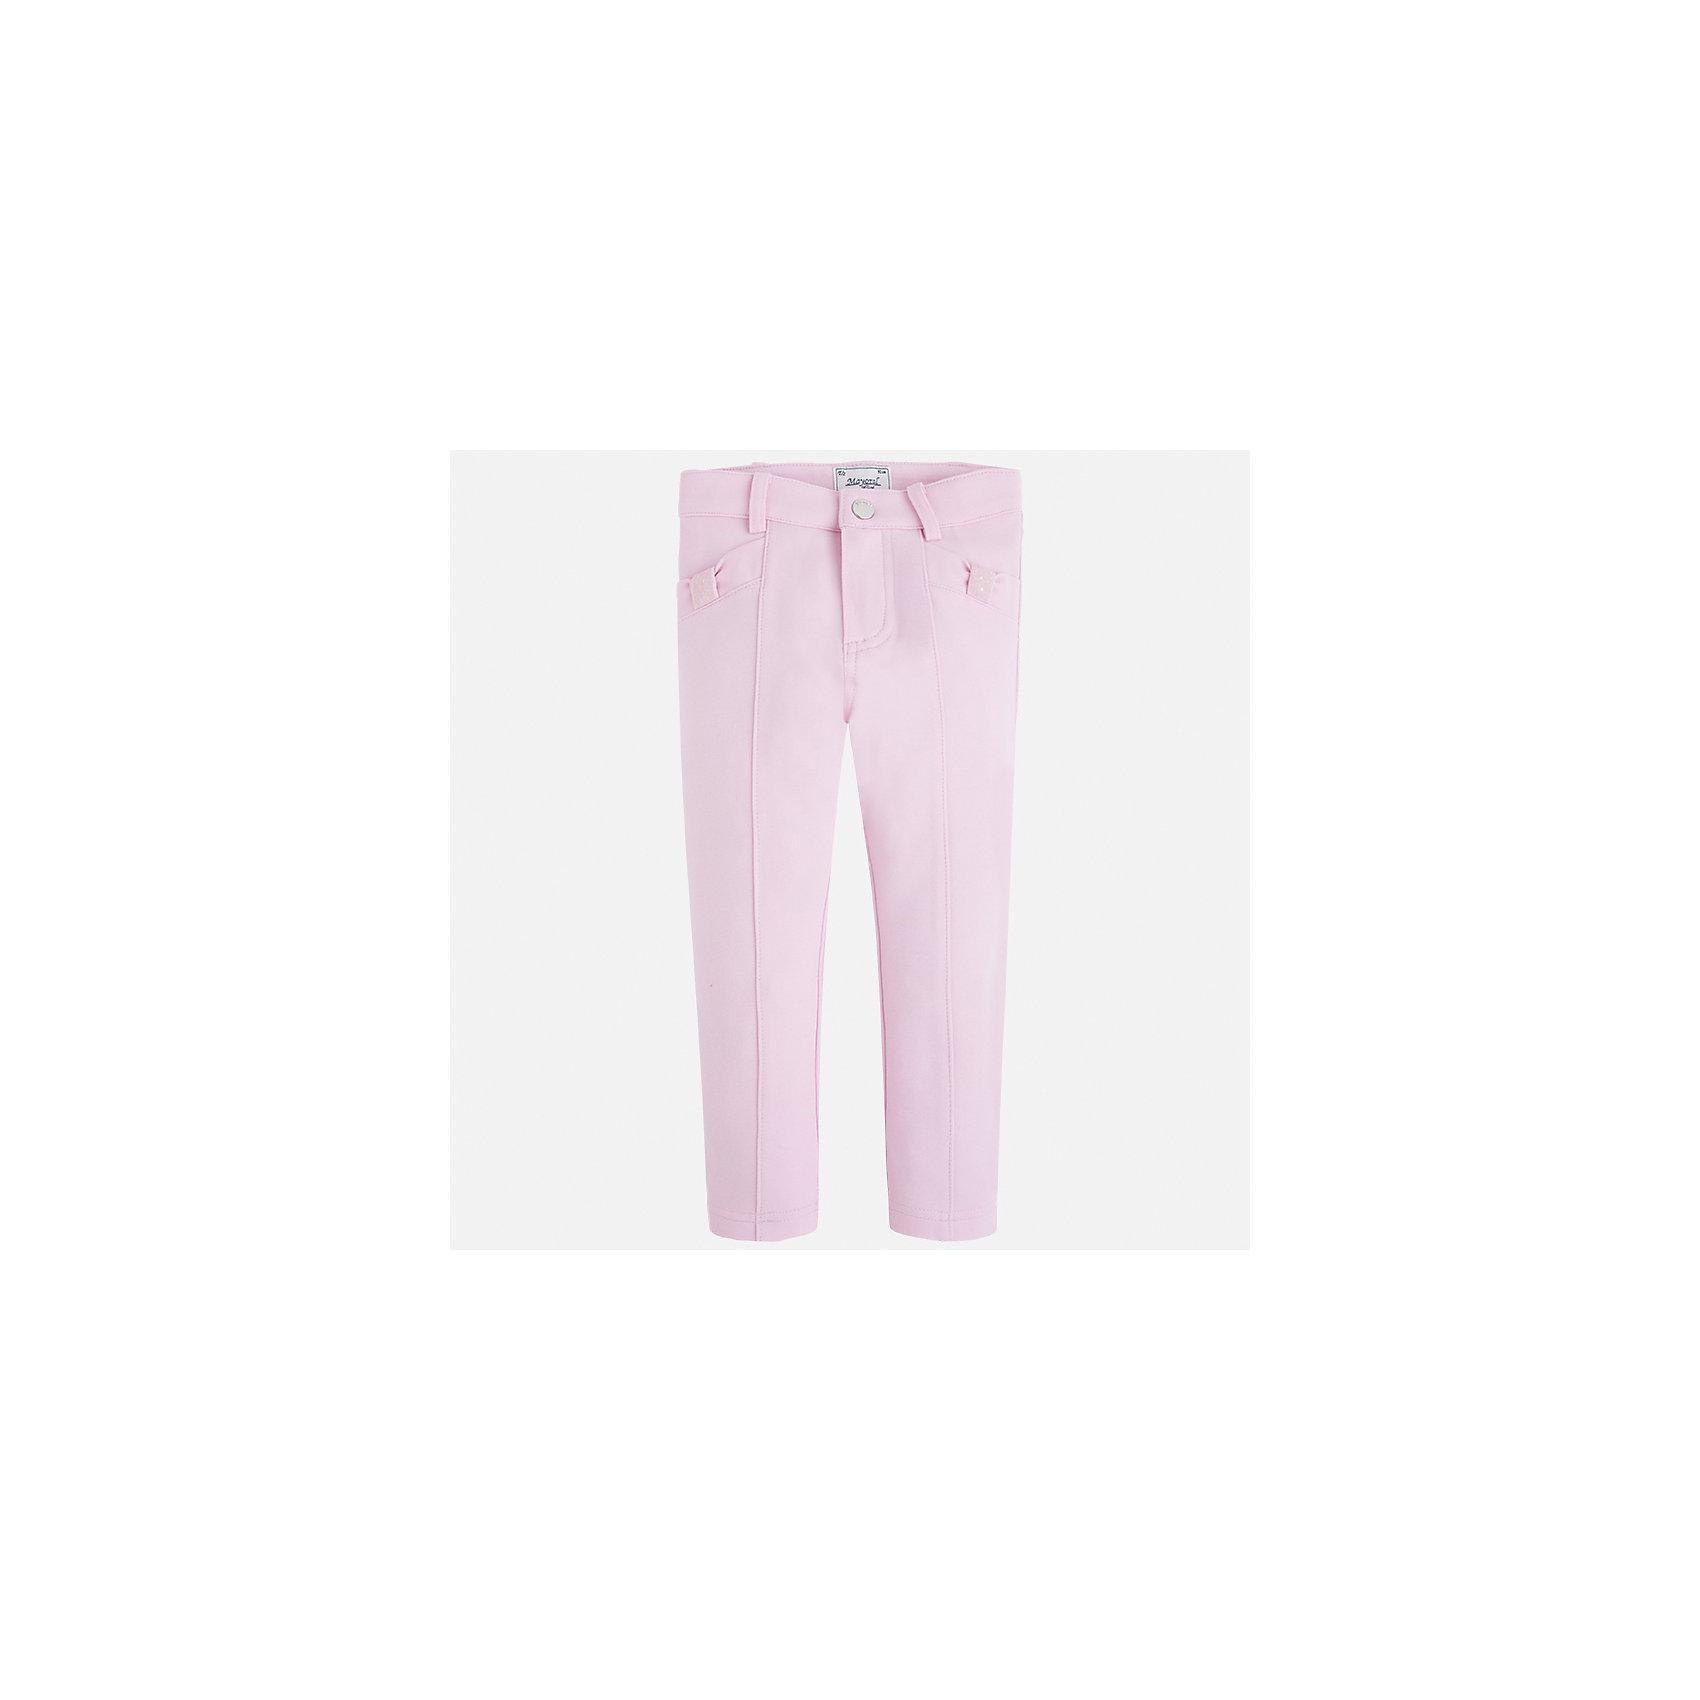 Брюки для девочки MayoralБрюки<br>Характеристики товара:<br><br>• цвет: розовый<br>• состав: 65% вискоза, 30% полиамид, 5% эластан<br>• шлевки<br>• эластичный материал<br>• стрелки<br>• декоративная отделка карманов<br>• страна бренда: Испания<br><br>Модные леггинсы для девочки смогут разнообразить гардероб ребенка и украсить наряд. Они отлично сочетаются с майками, футболками, блузками. Красивый оттенок позволяет подобрать к вещи верх разных расцветок. В составе материала - натуральный хлопок, гипоаллергенный, приятный на ощупь, дышащий. Леггинсы отлично сидят и не стесняют движения.<br><br>Одежда, обувь и аксессуары от испанского бренда Mayoral полюбились детям и взрослым по всему миру. Модели этой марки - стильные и удобные. Для их производства используются только безопасные, качественные материалы и фурнитура. Порадуйте ребенка модными и красивыми вещами от Mayoral! <br><br>Леггинсы для девочки от испанского бренда Mayoral (Майорал) можно купить в нашем интернет-магазине.<br><br>Ширина мм: 123<br>Глубина мм: 10<br>Высота мм: 149<br>Вес г: 209<br>Цвет: фиолетовый<br>Возраст от месяцев: 96<br>Возраст до месяцев: 108<br>Пол: Женский<br>Возраст: Детский<br>Размер: 134,92,98,104,110,116,122,128<br>SKU: 5290514